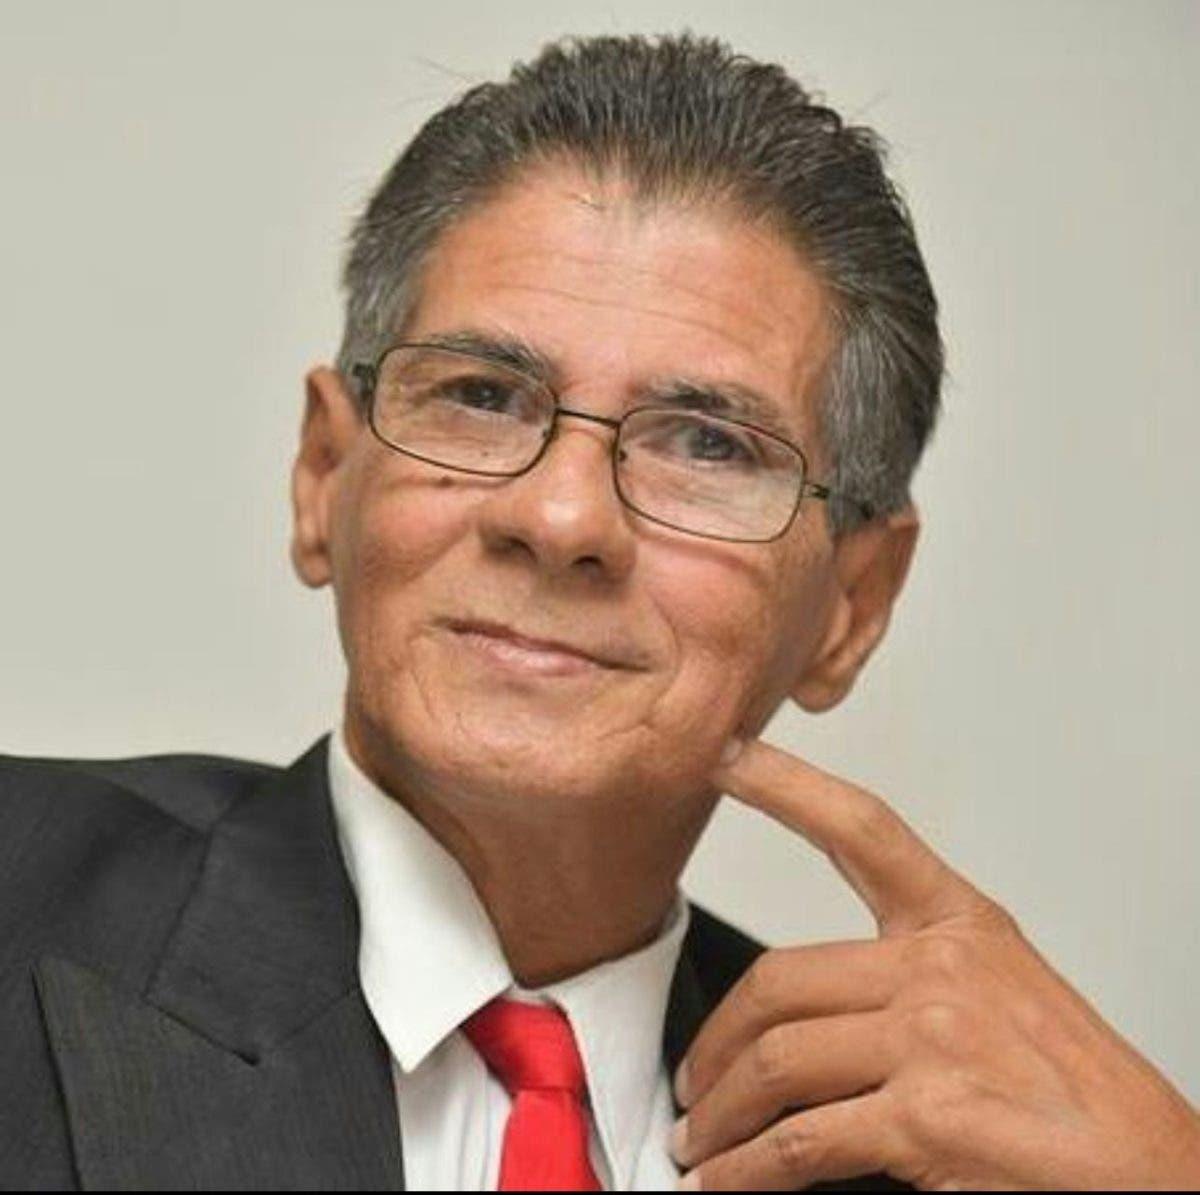 Joaquín Balaguer rechaza proyecto de ley que disminuye condena en casos actos corrupción